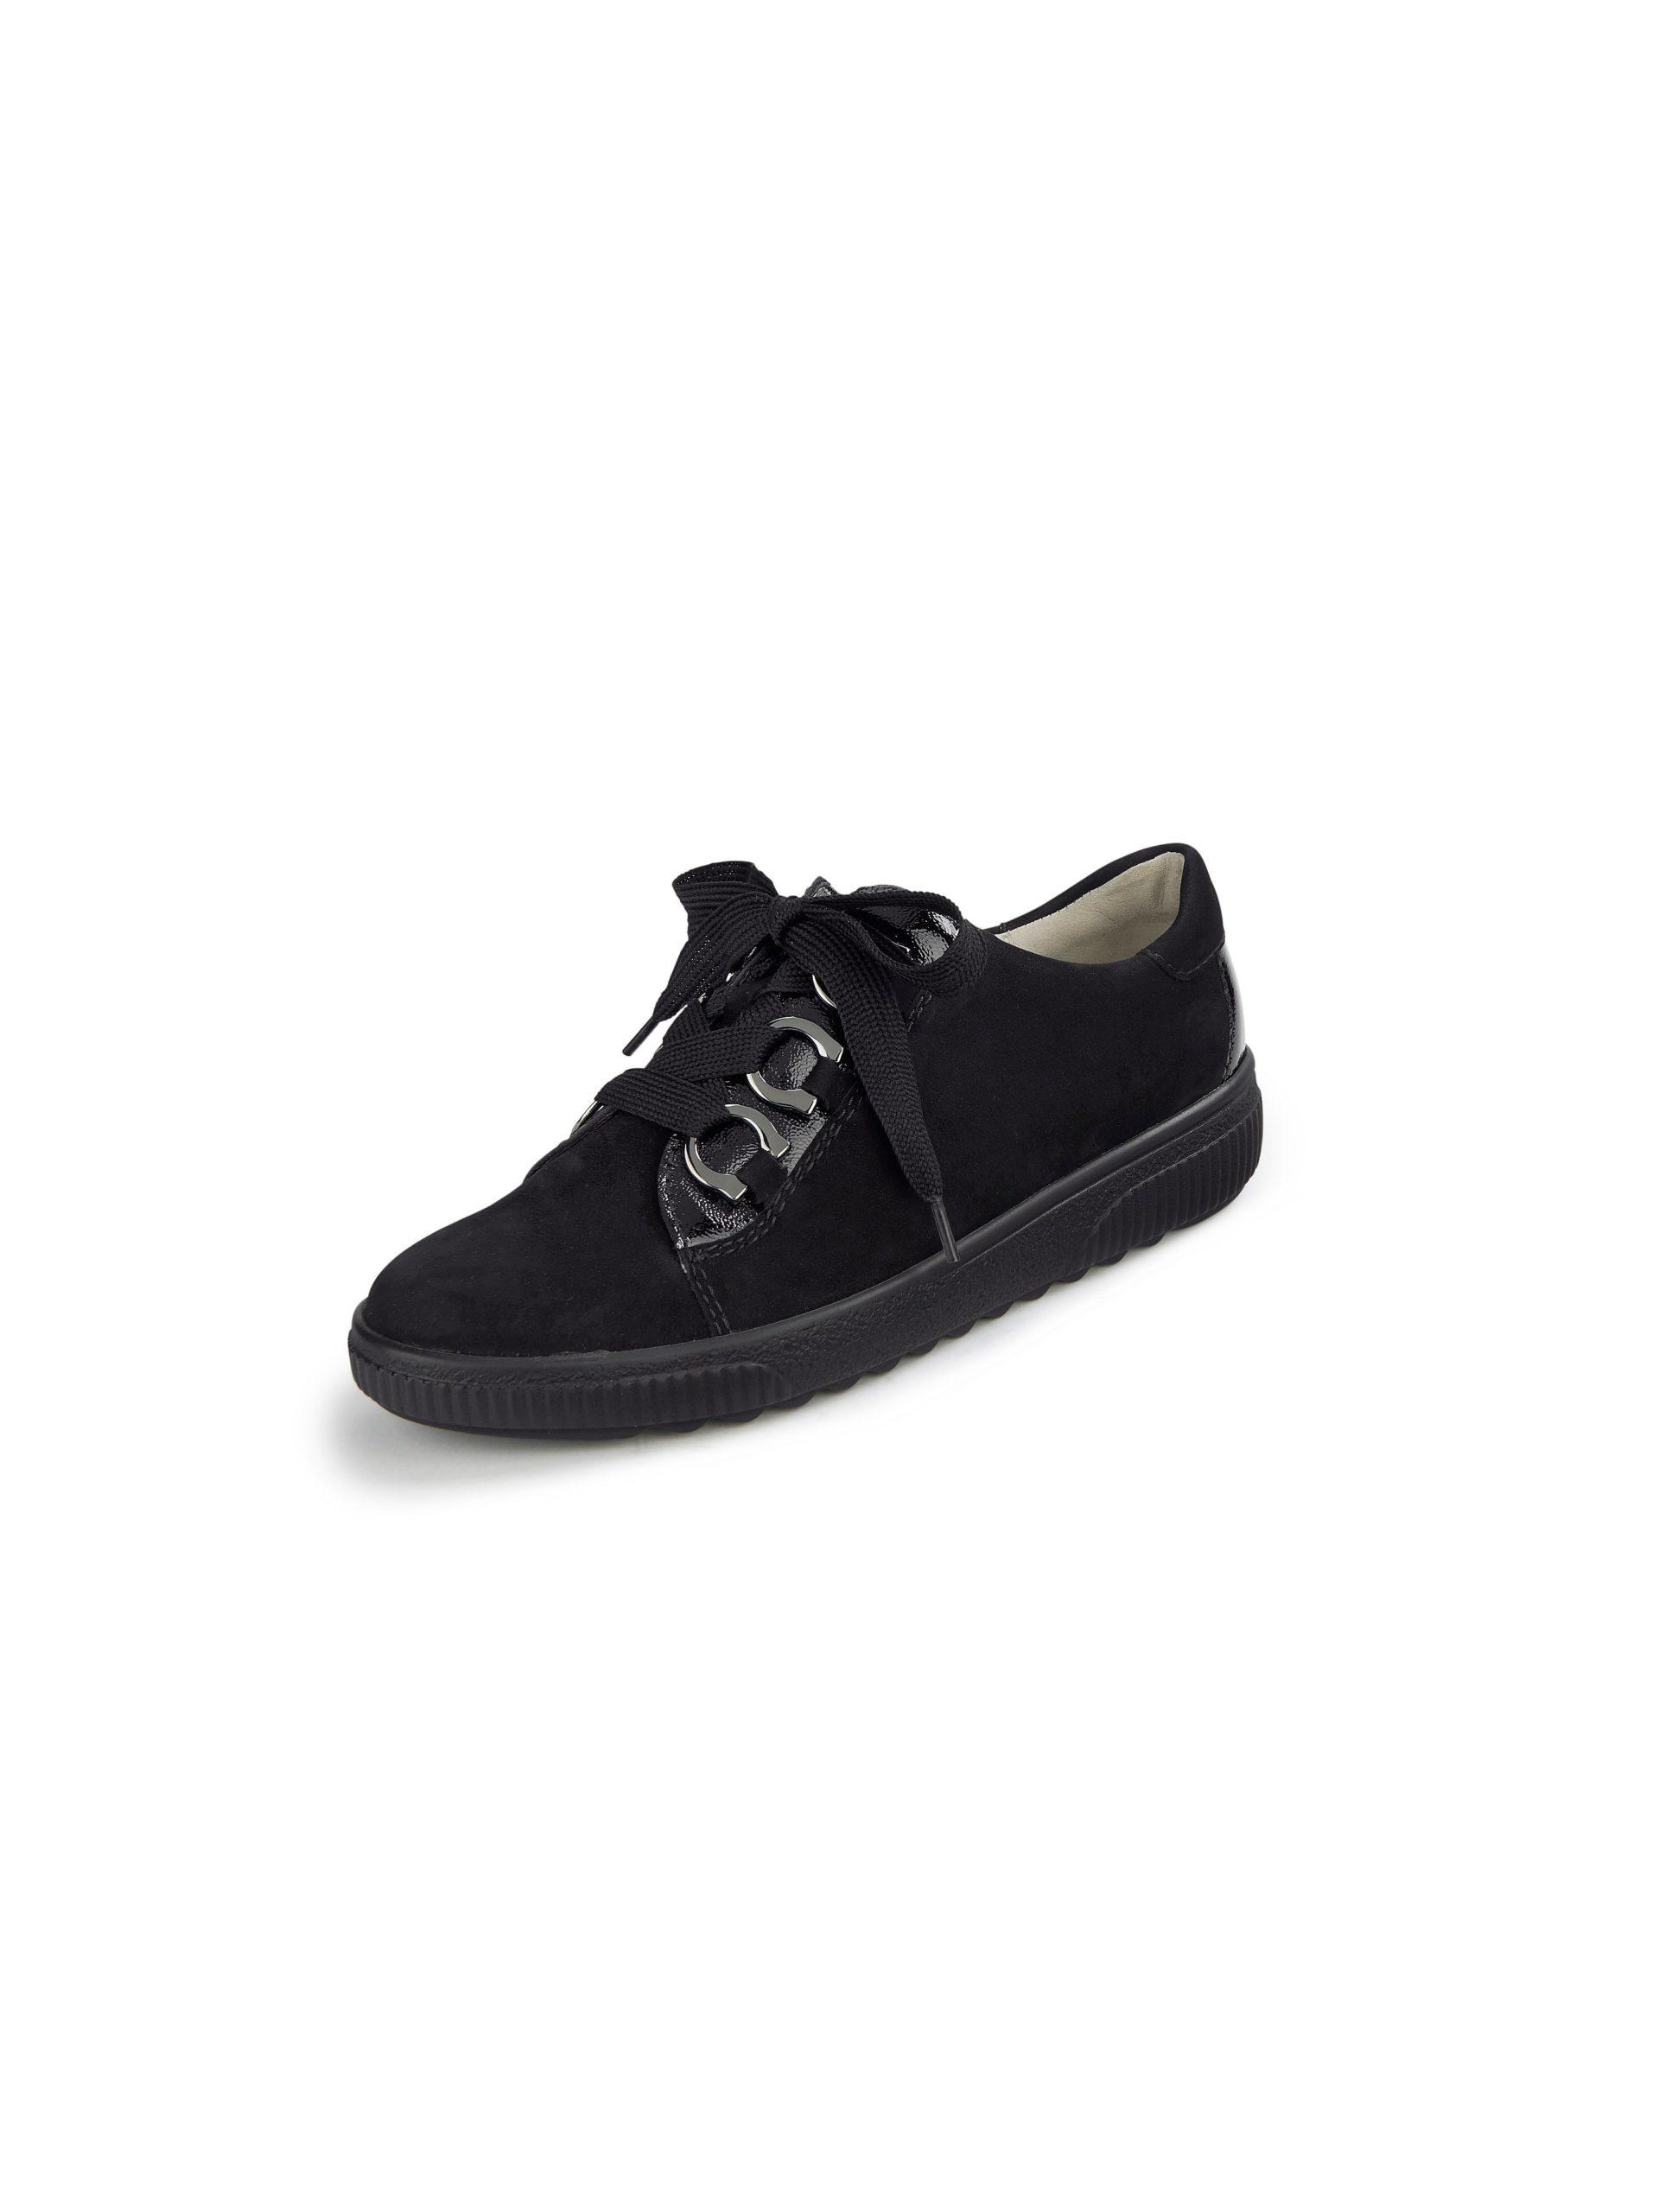 Sneakers model H-Steffi Van Waldläufer zwart Kopen